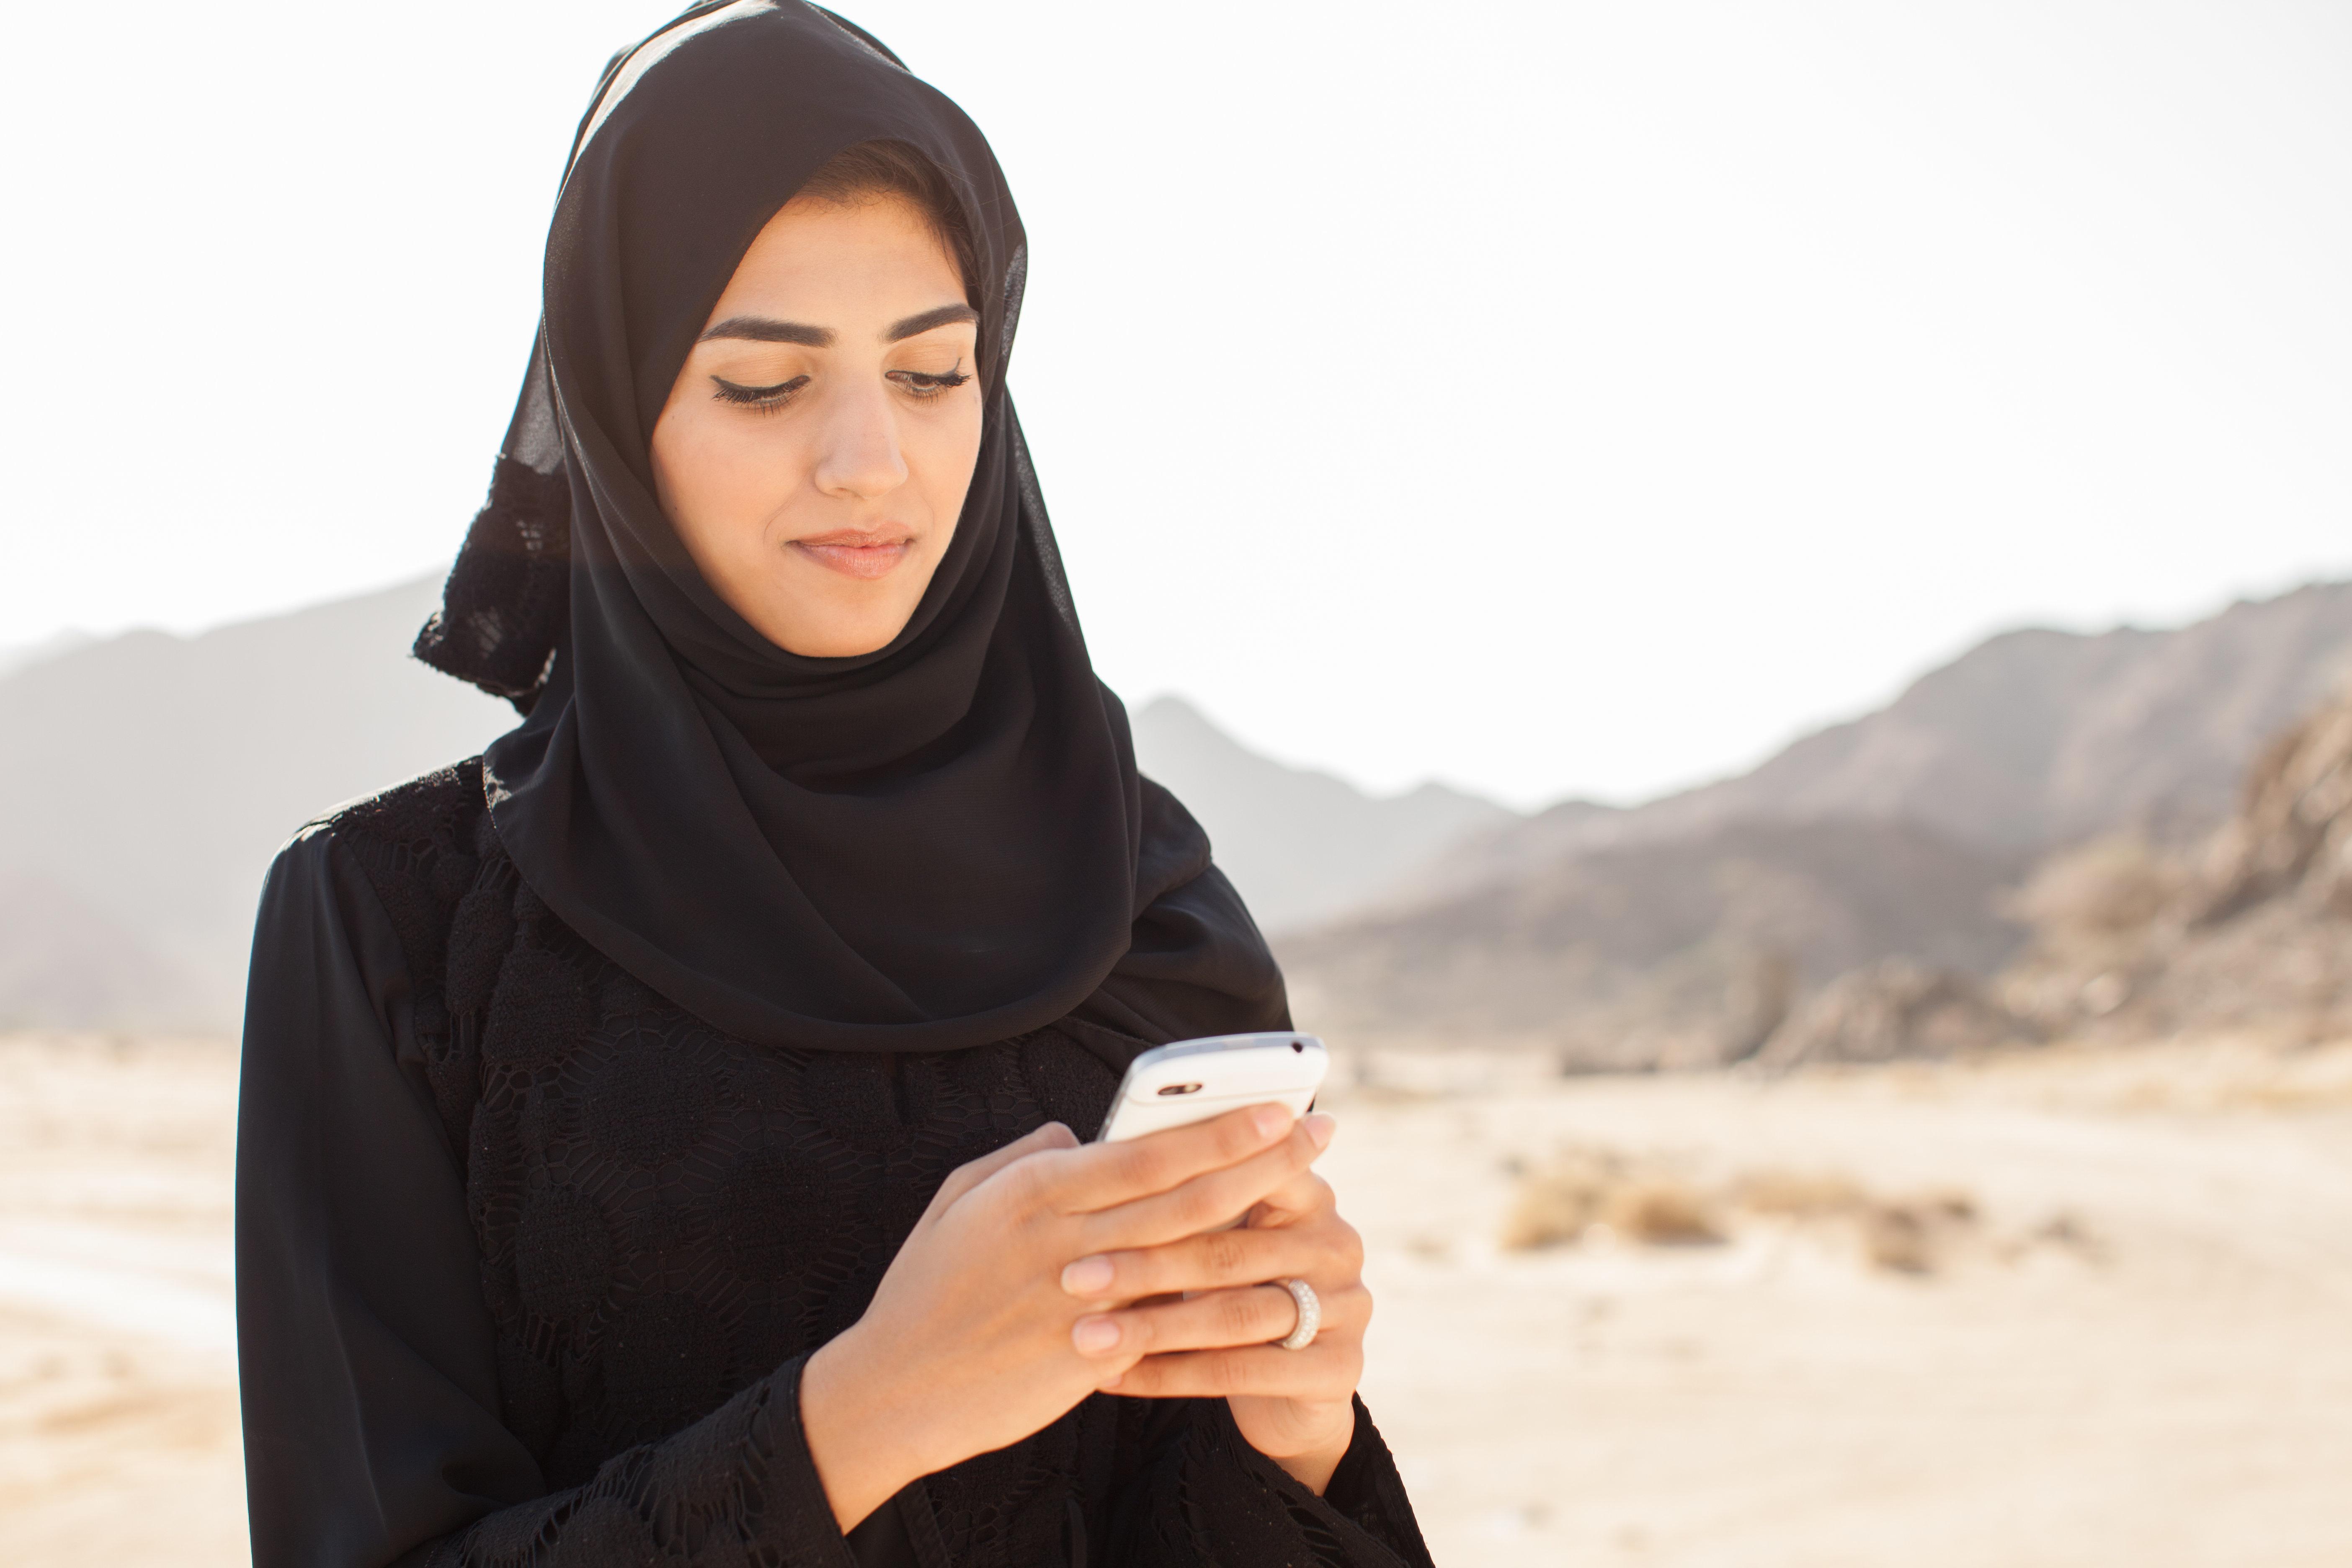 Arabie saoudite: Les femmes seront notifiées de leur divorce par